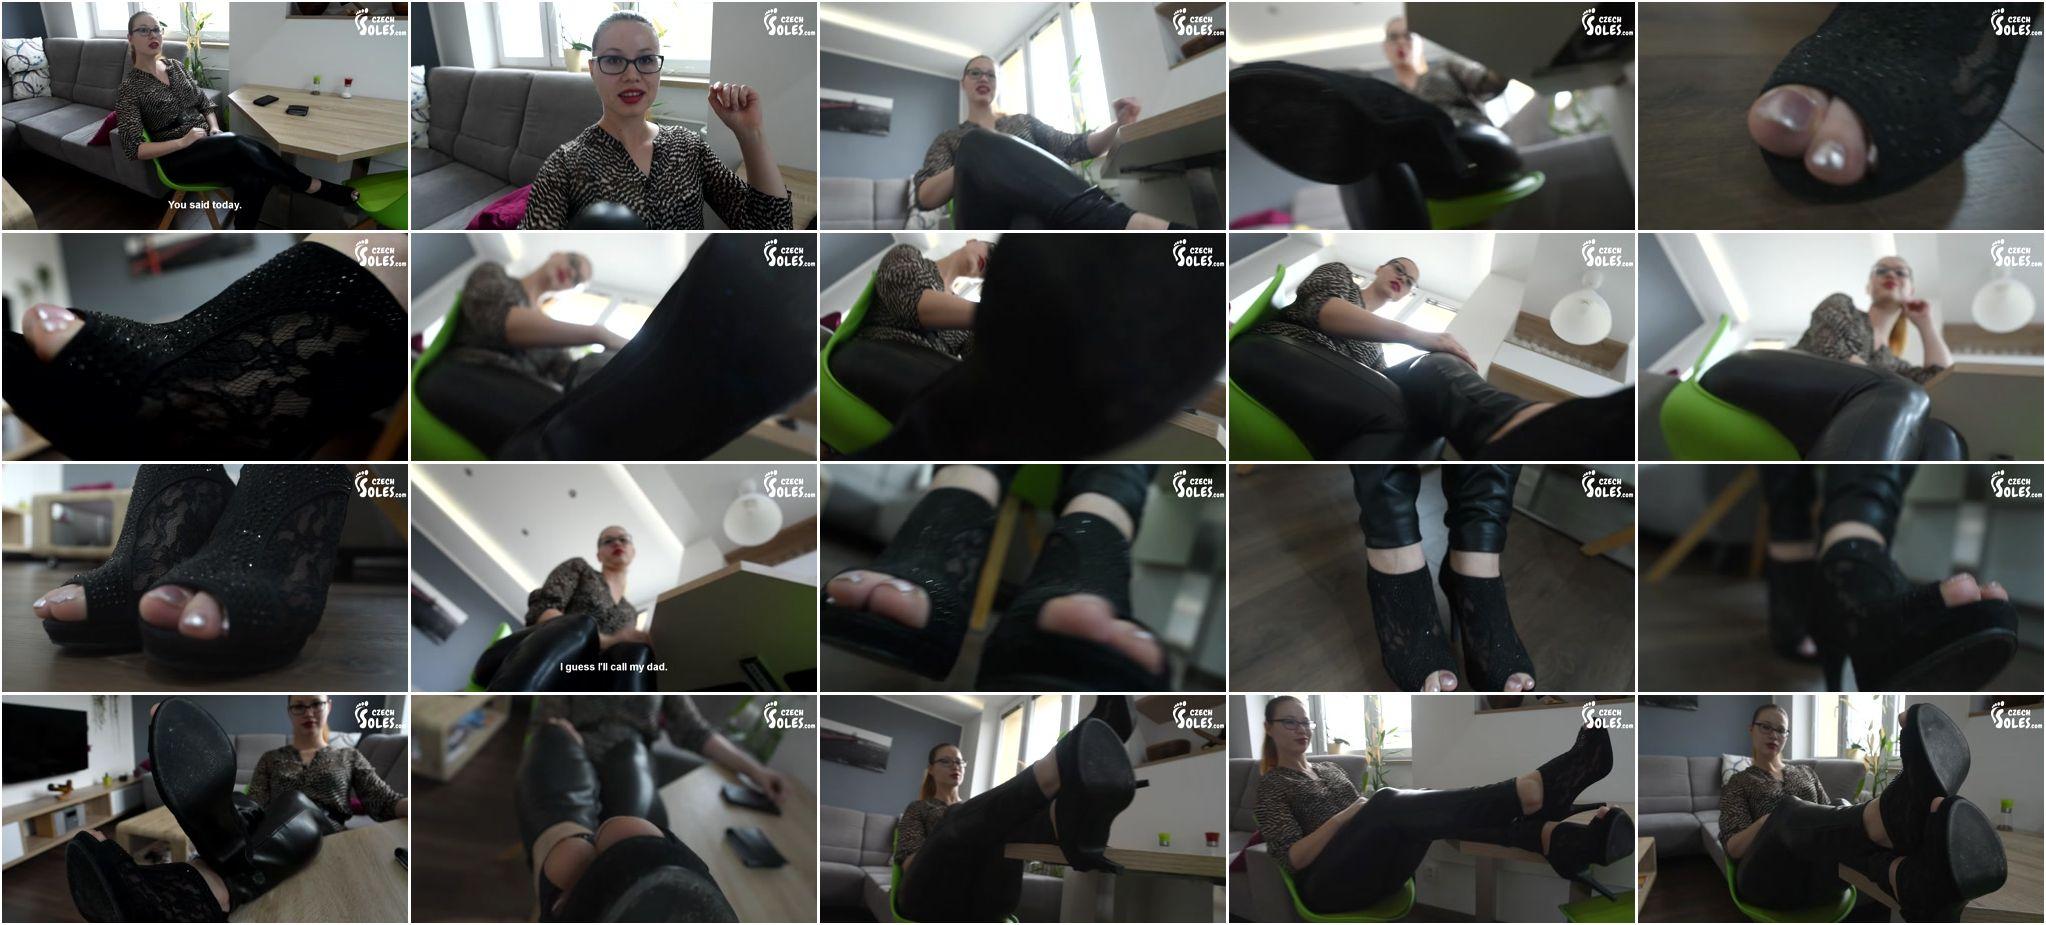 Girls blow job gang banged